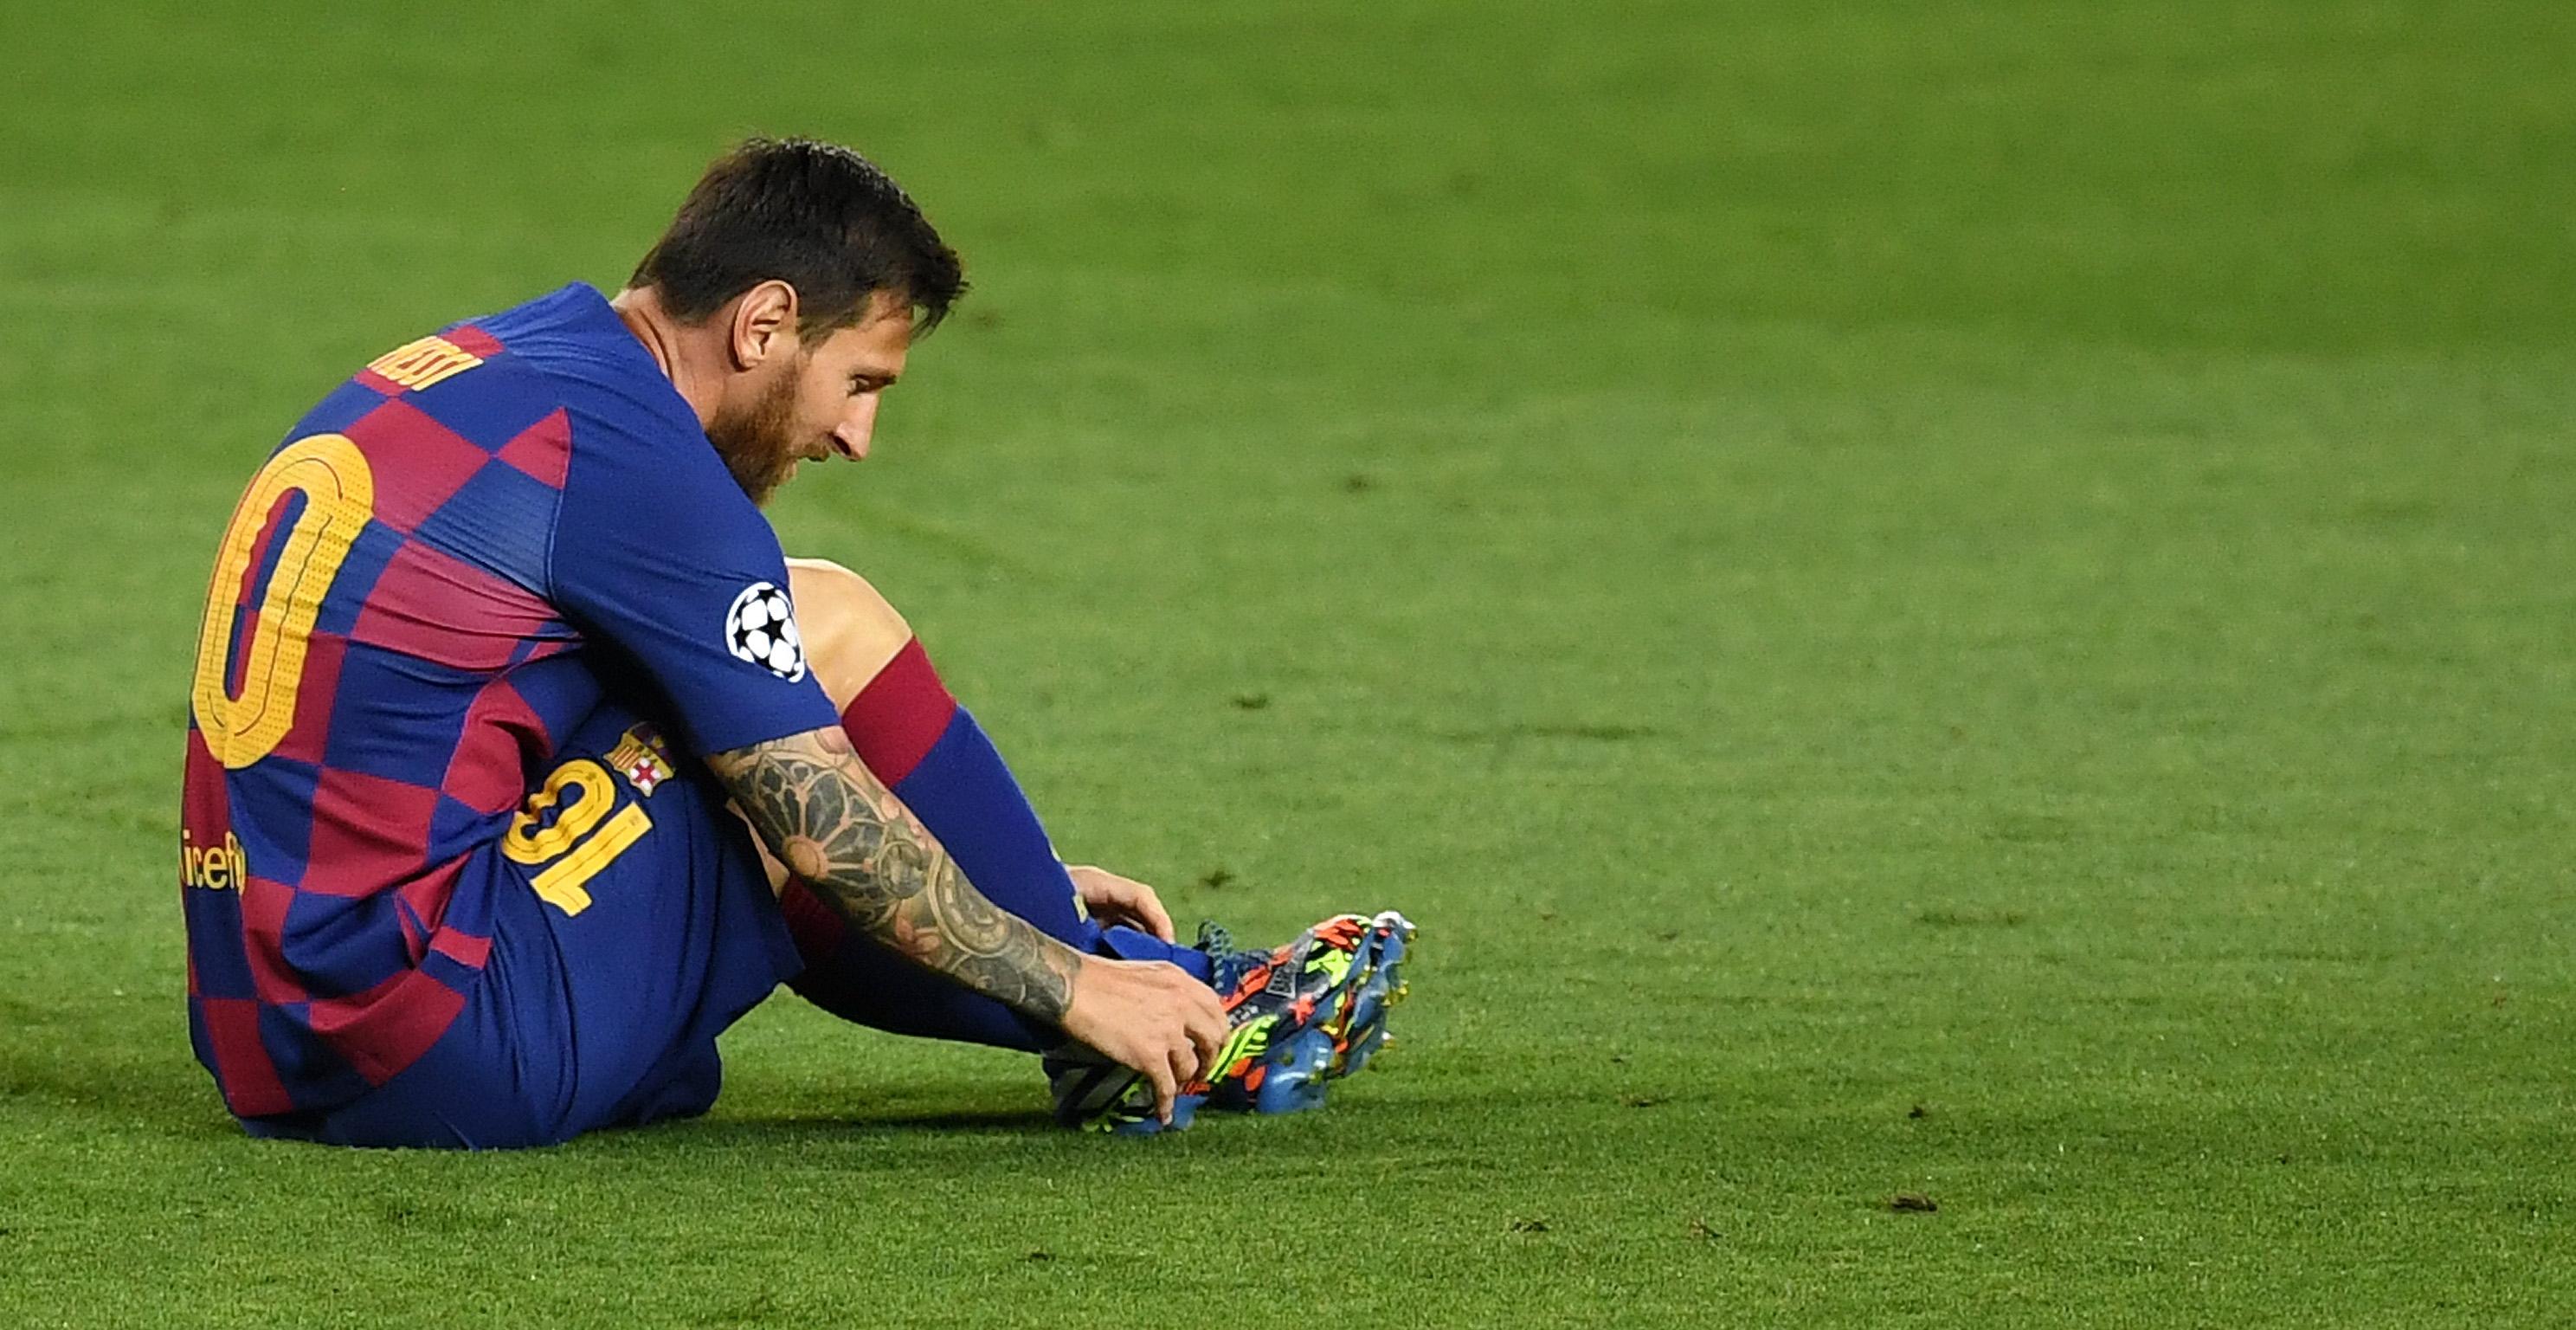 Независимо че Барселона наложи превъзходството си над Наполи и продължава